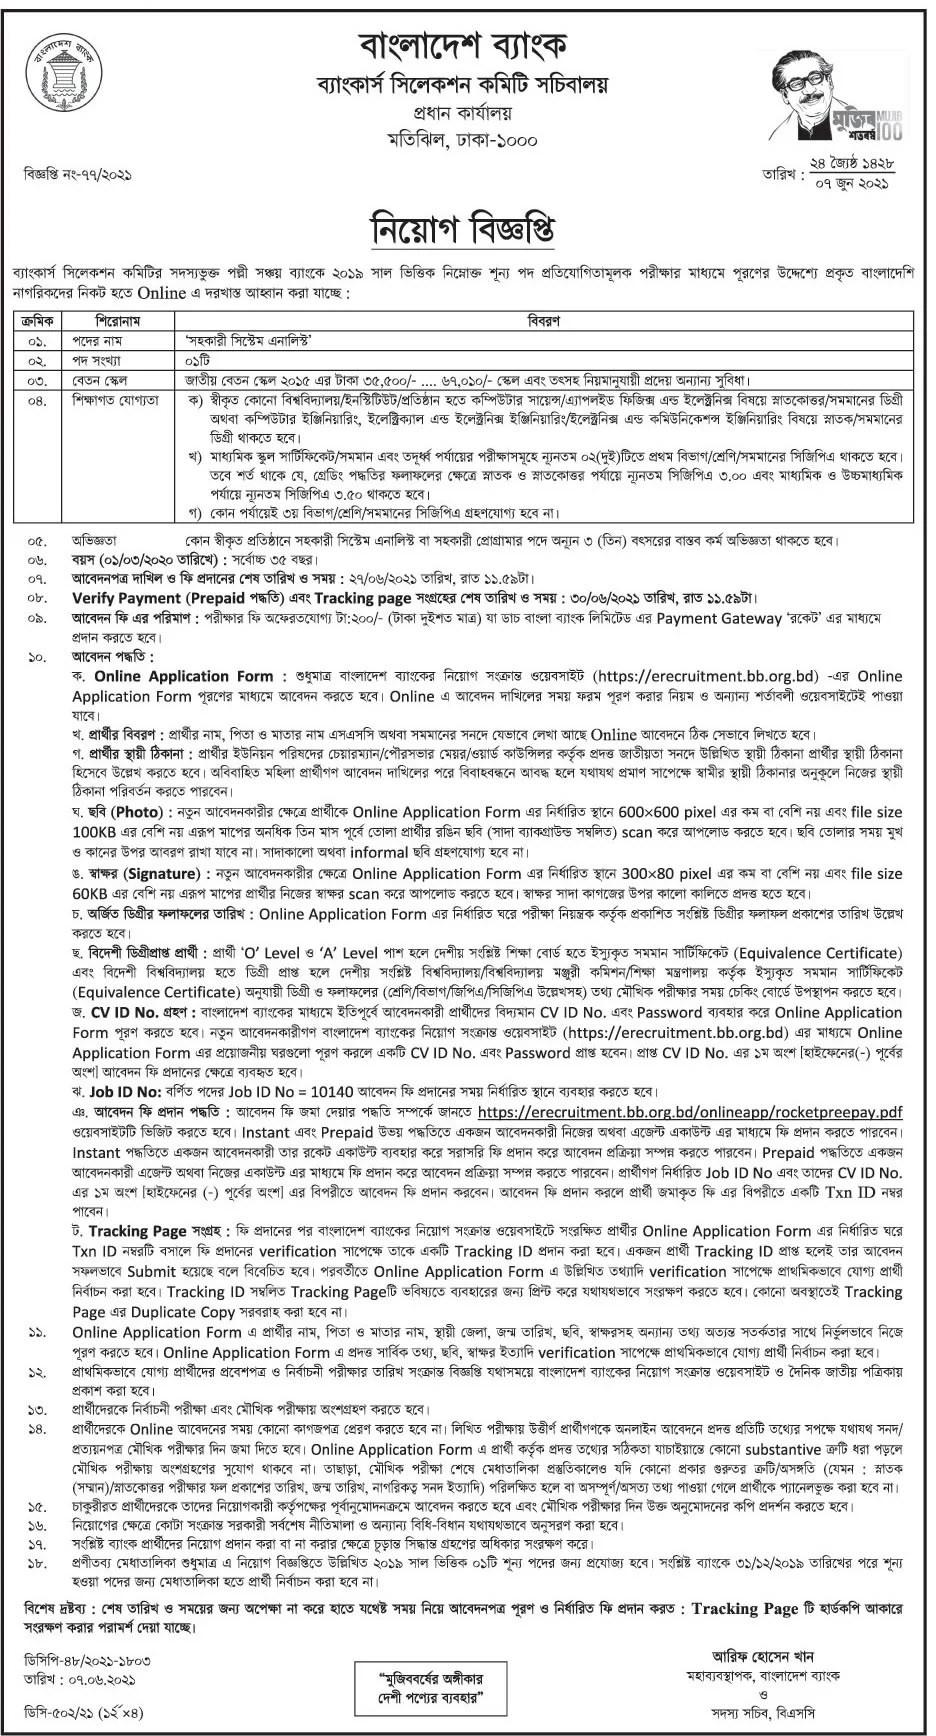 পল্লী সঞ্চয় ব্যাংক নিয়োগ বিজ্ঞপ্তি ২০২১ - Palli Sanchay Bank Job Circular 2021 - Rural Savings Bank Jobs Circular 2021